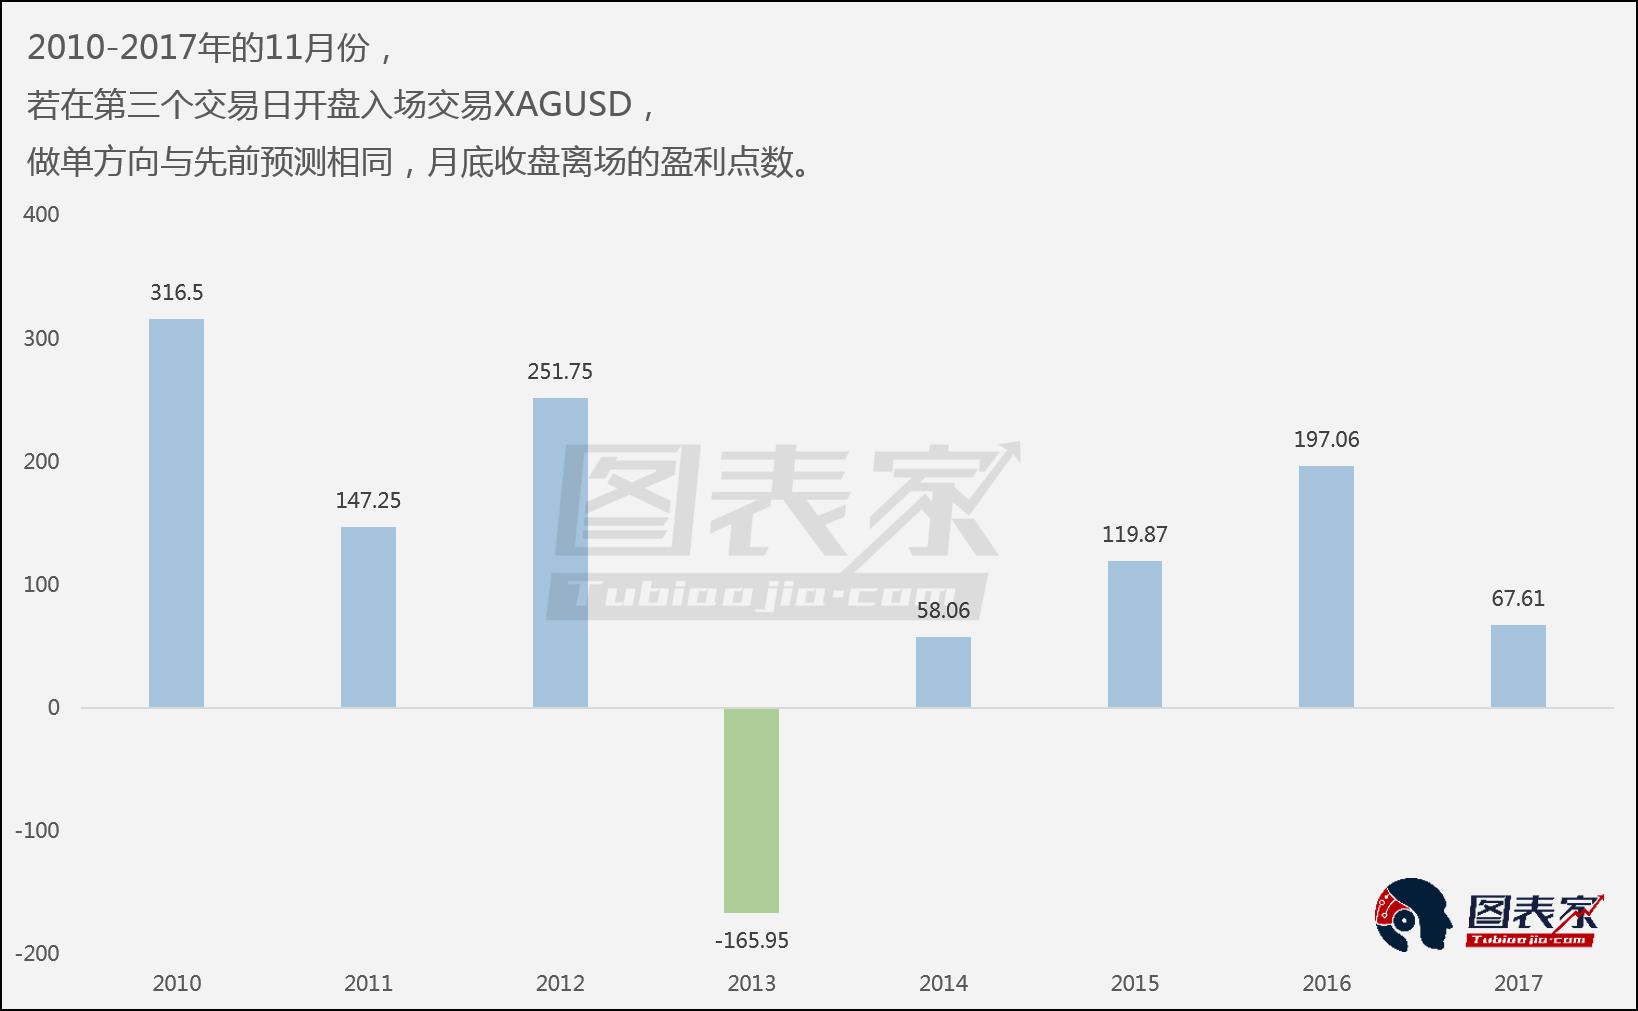 2010年至2017年,策略严格执行的条件下,投资者有87.5%概率盈利,平均获利6201美元/标准手,最大盈利15825美元/标准手。